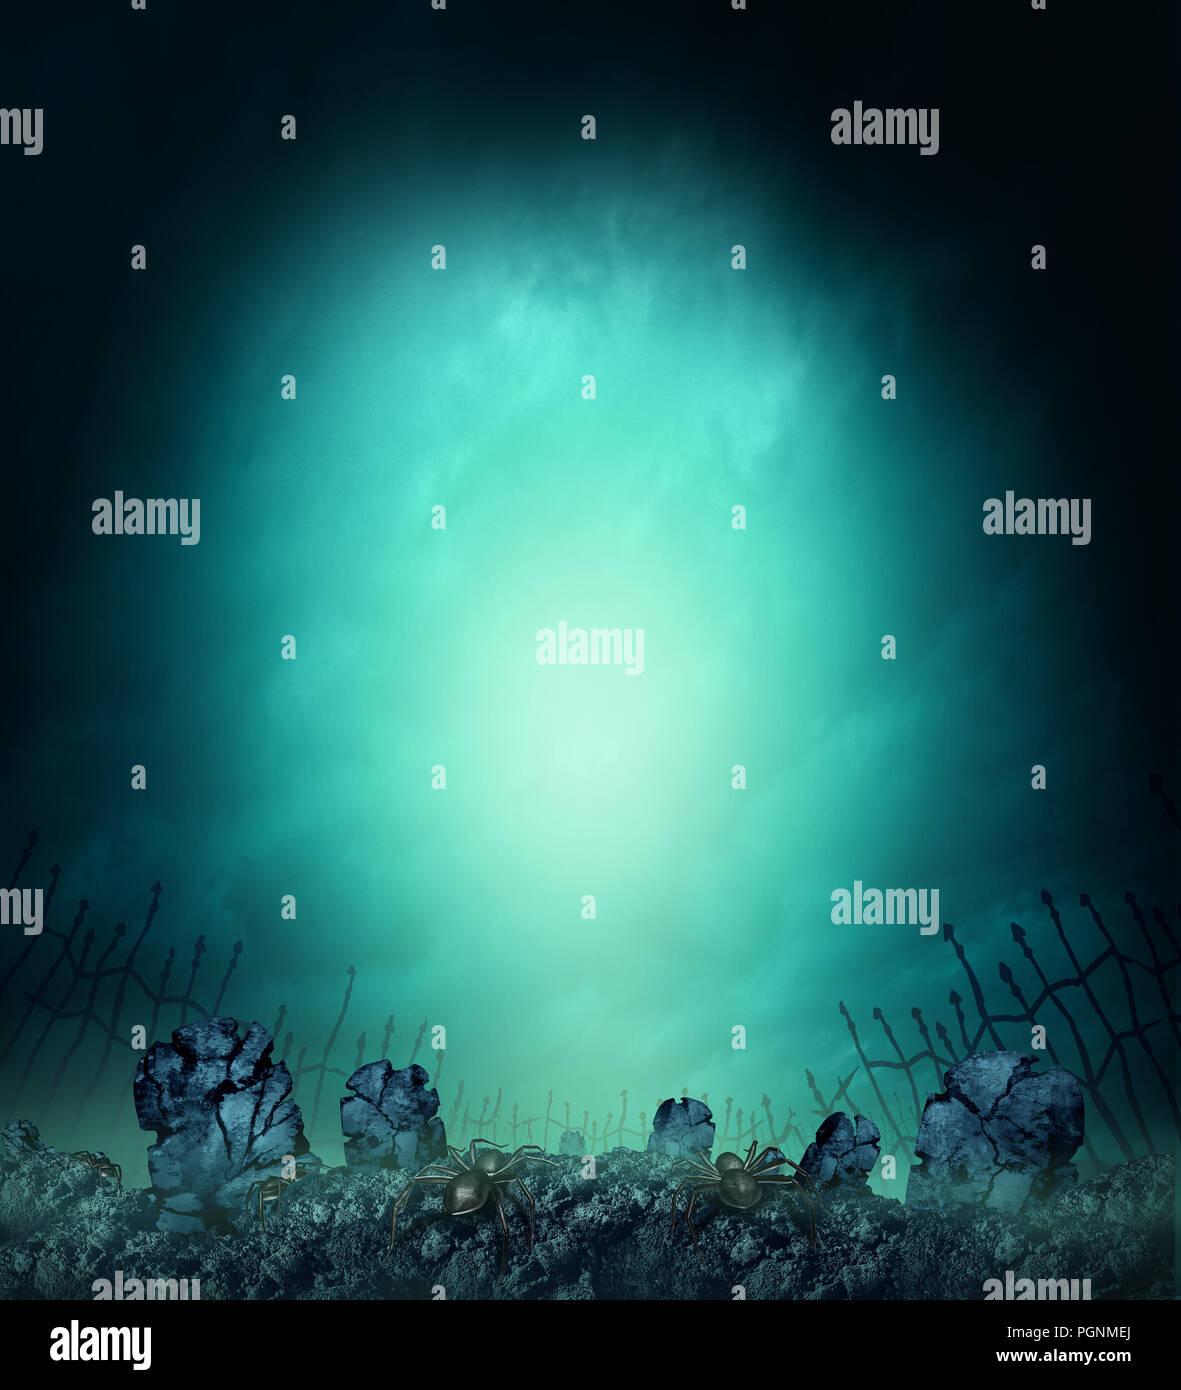 Cimetière fantasmagorique effrayant avec des pierres tombales ou pierre tombale dans le brouillard comme une conception de l'affiche halloween creepy avec copie espace avec 3D illustration éléments. Photo Stock